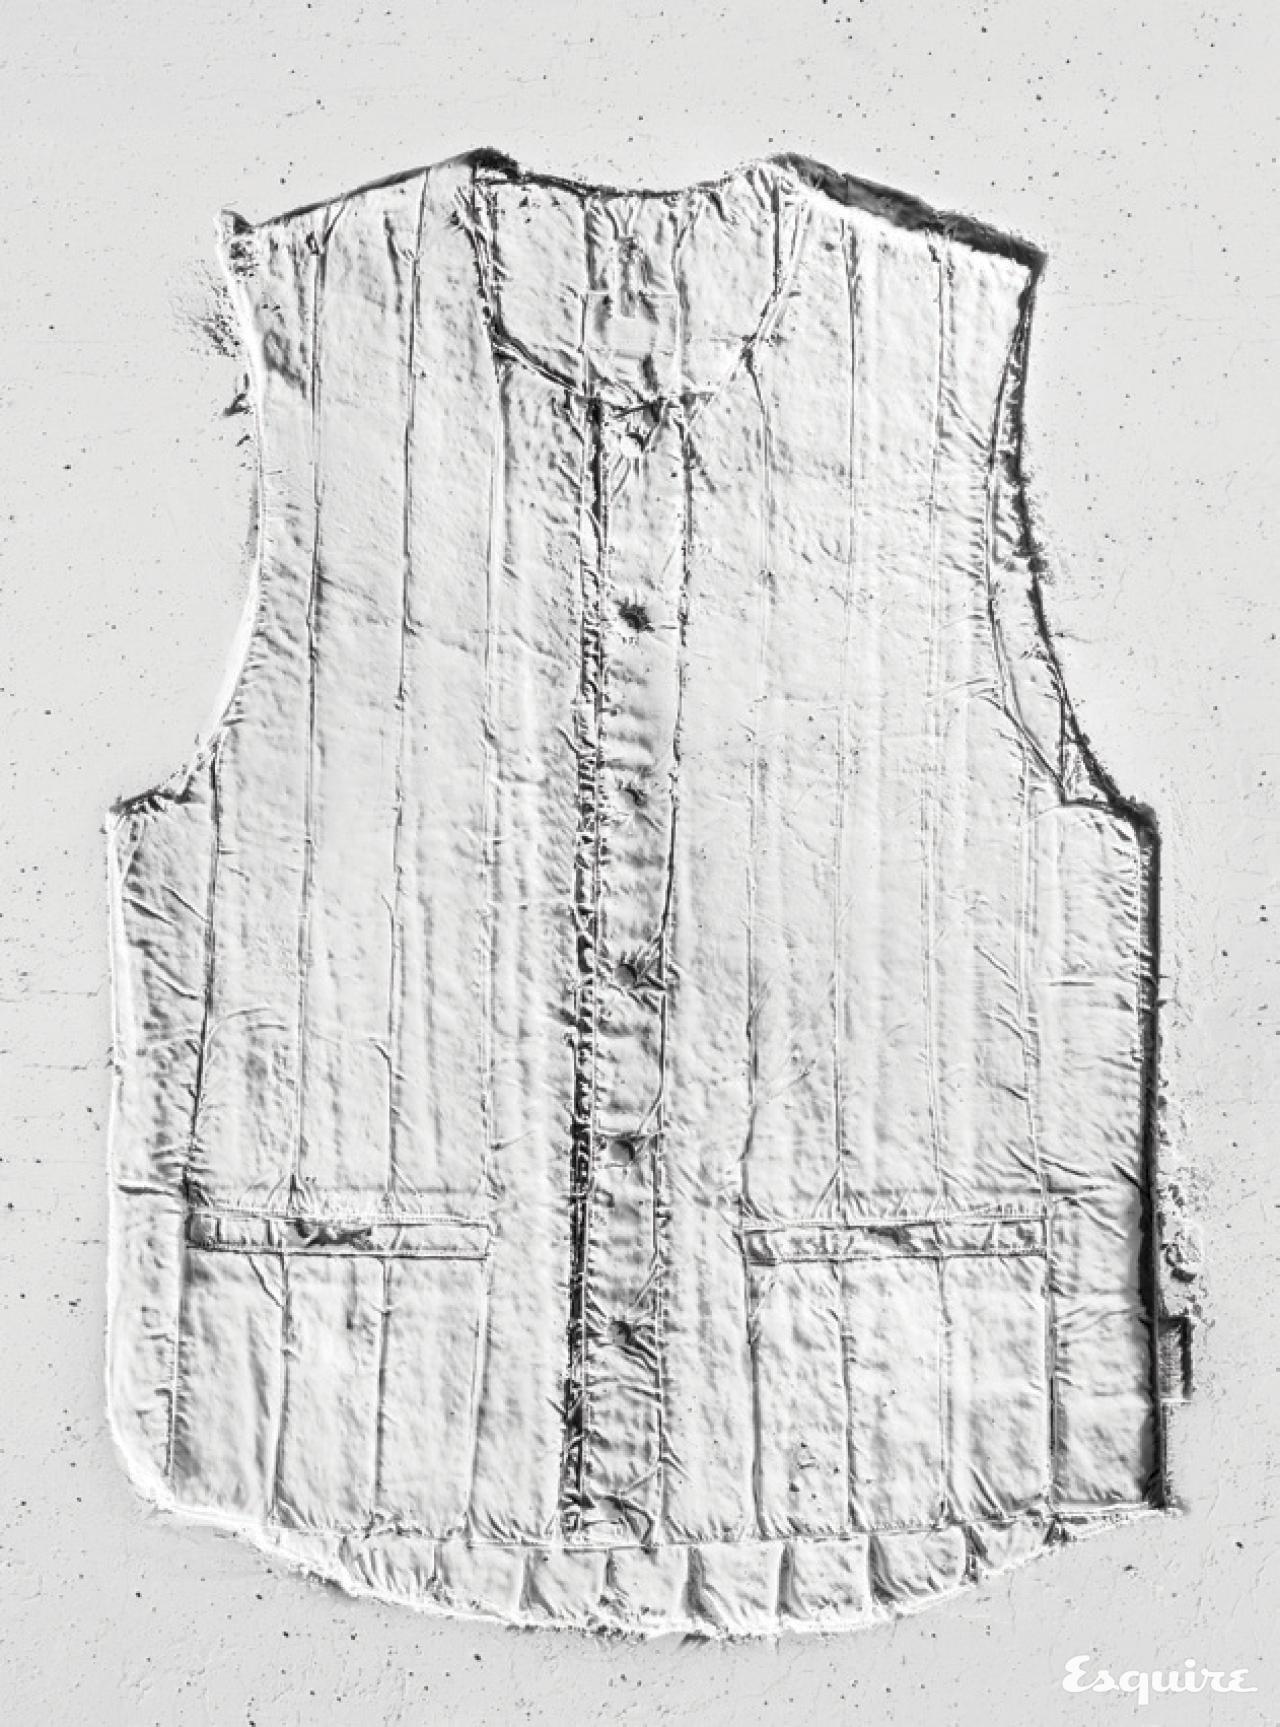 구름처럼 포근한 흰색 패딩 조끼 37만8000원 로키 마운틴 페더베드 by 플랫폼 플레이스.